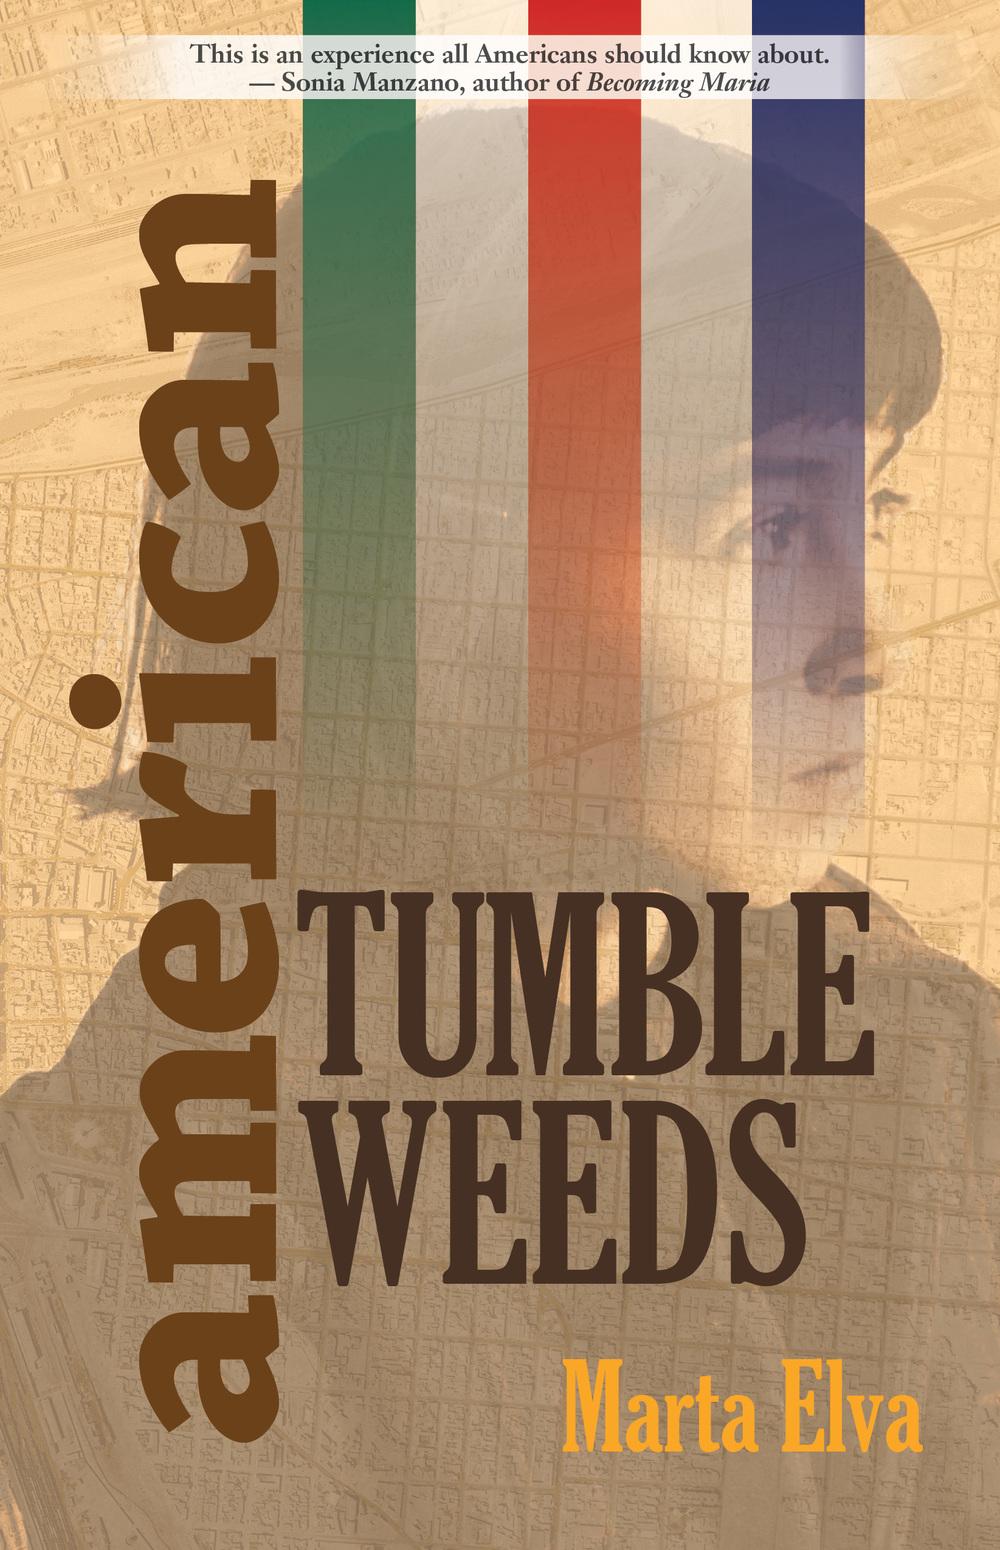 American_Tumbleweeds_cover300dpi.jpg